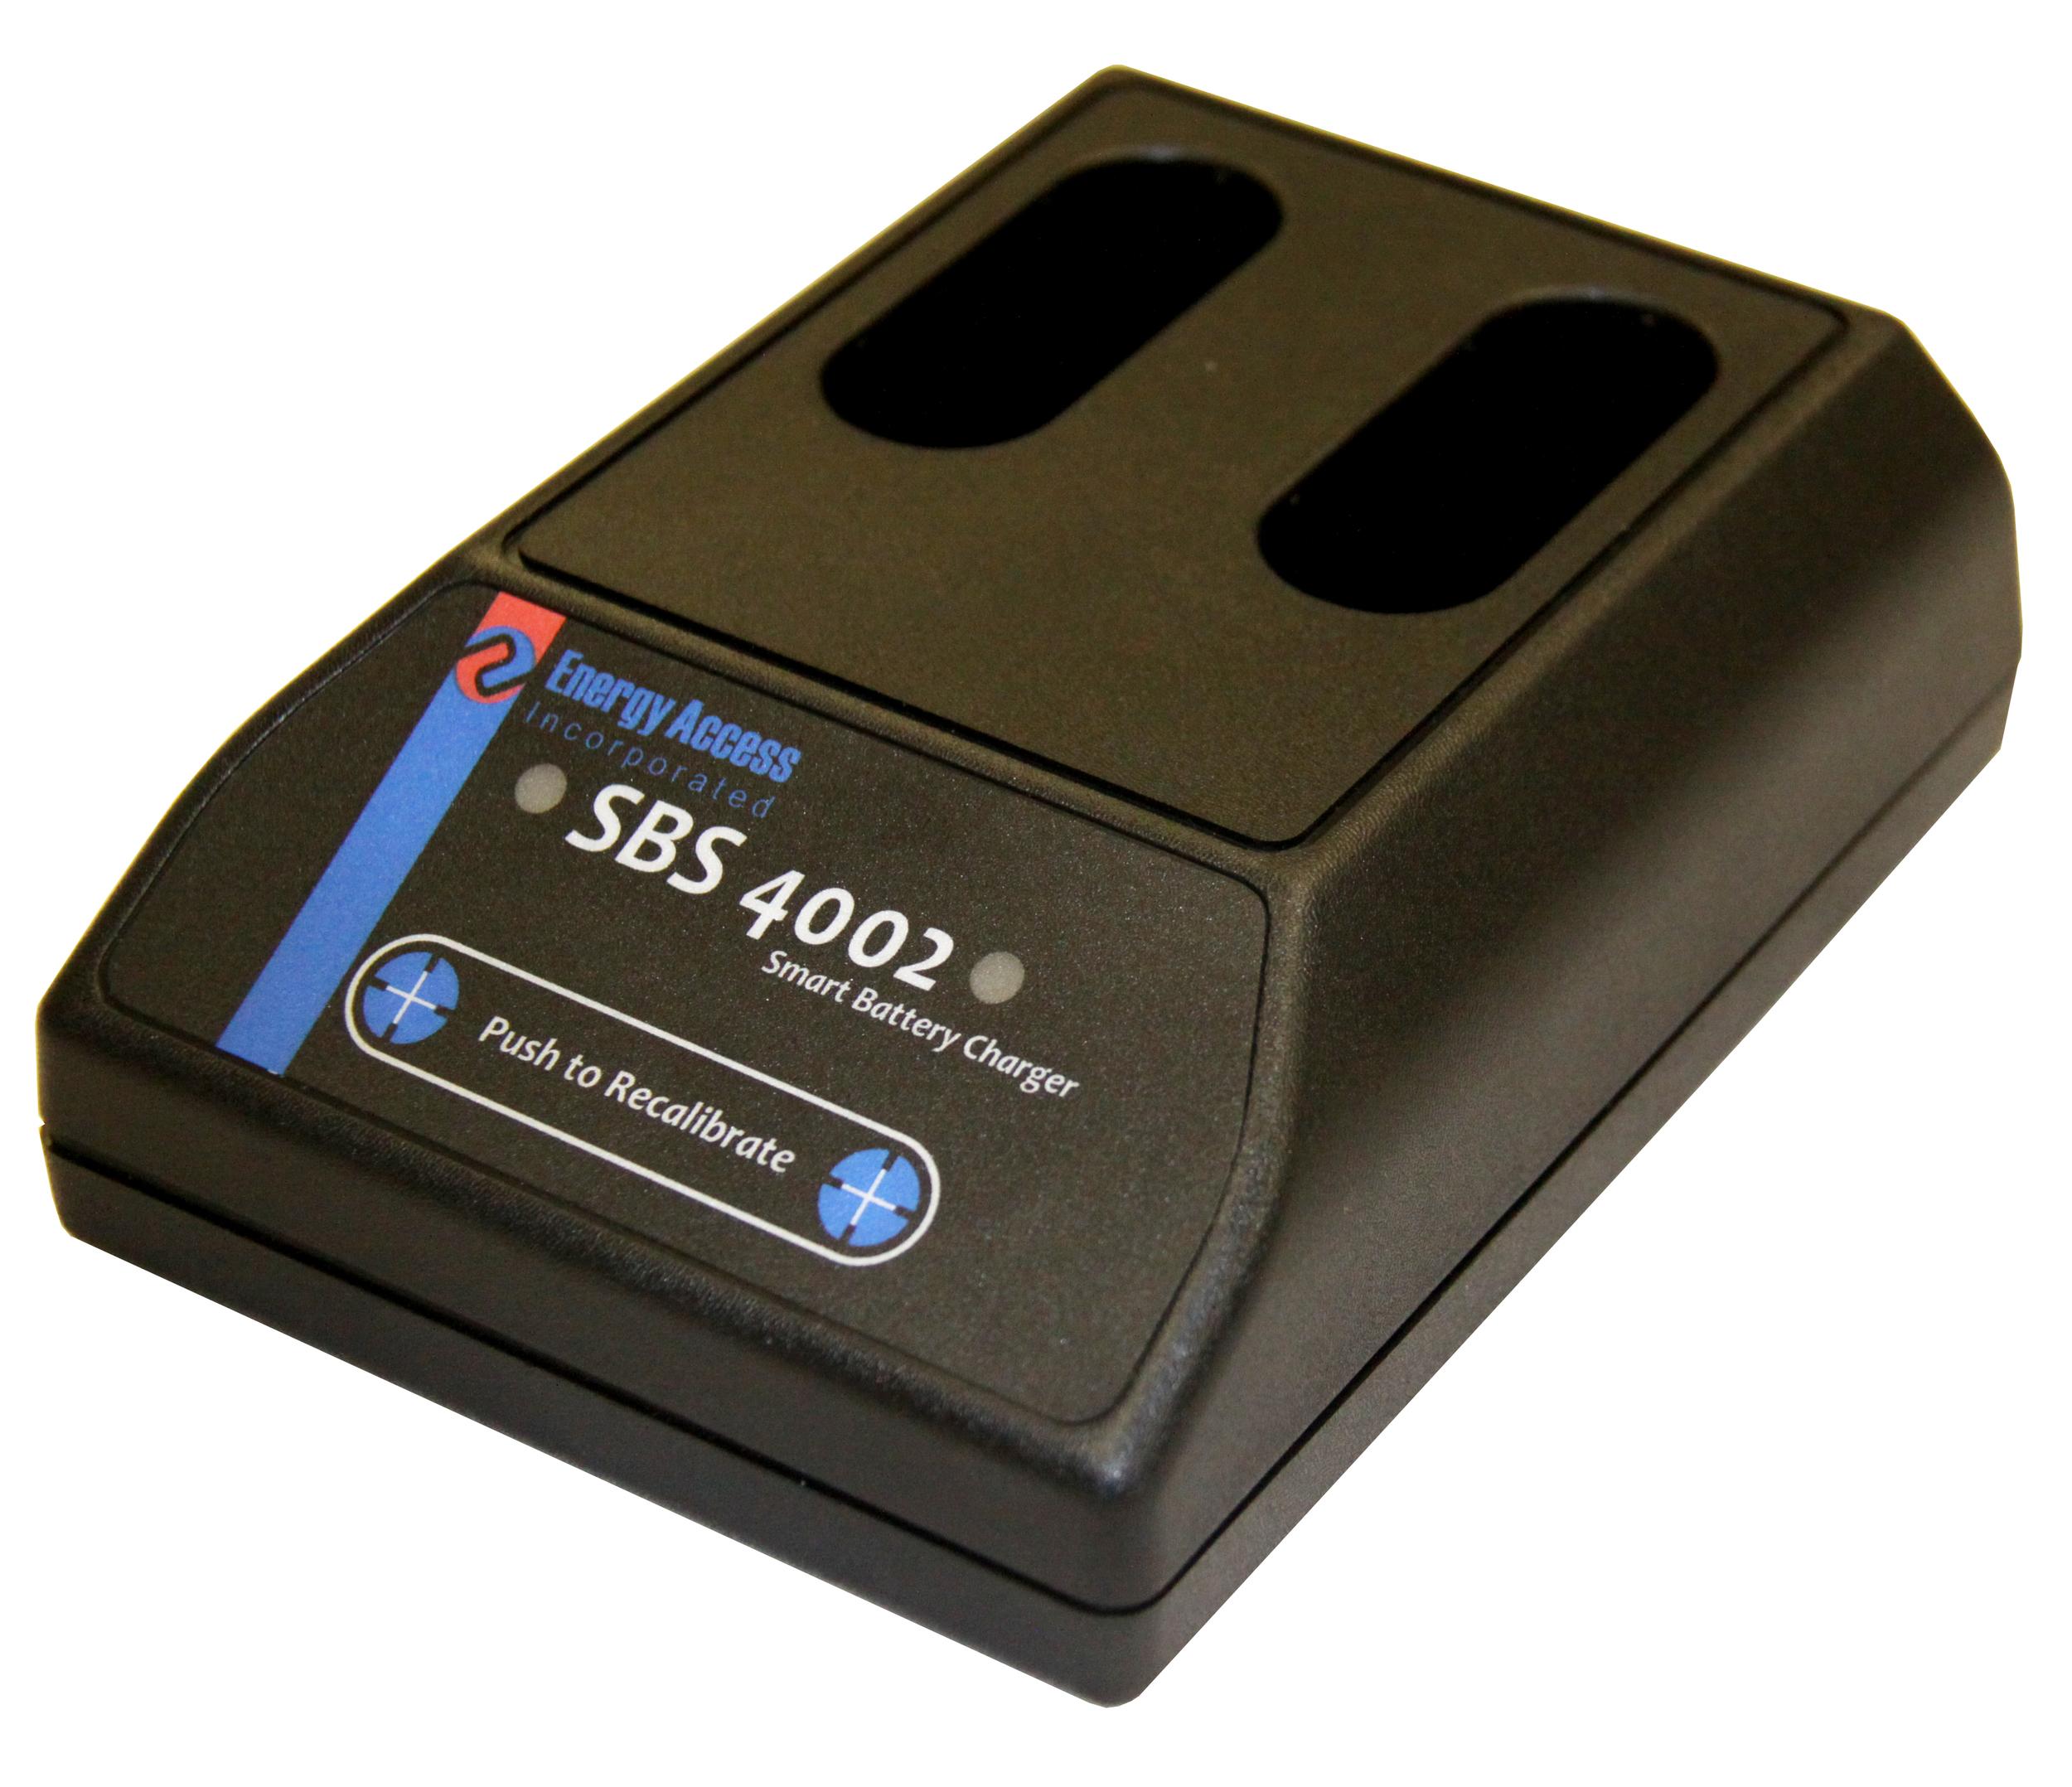 SBS-4002